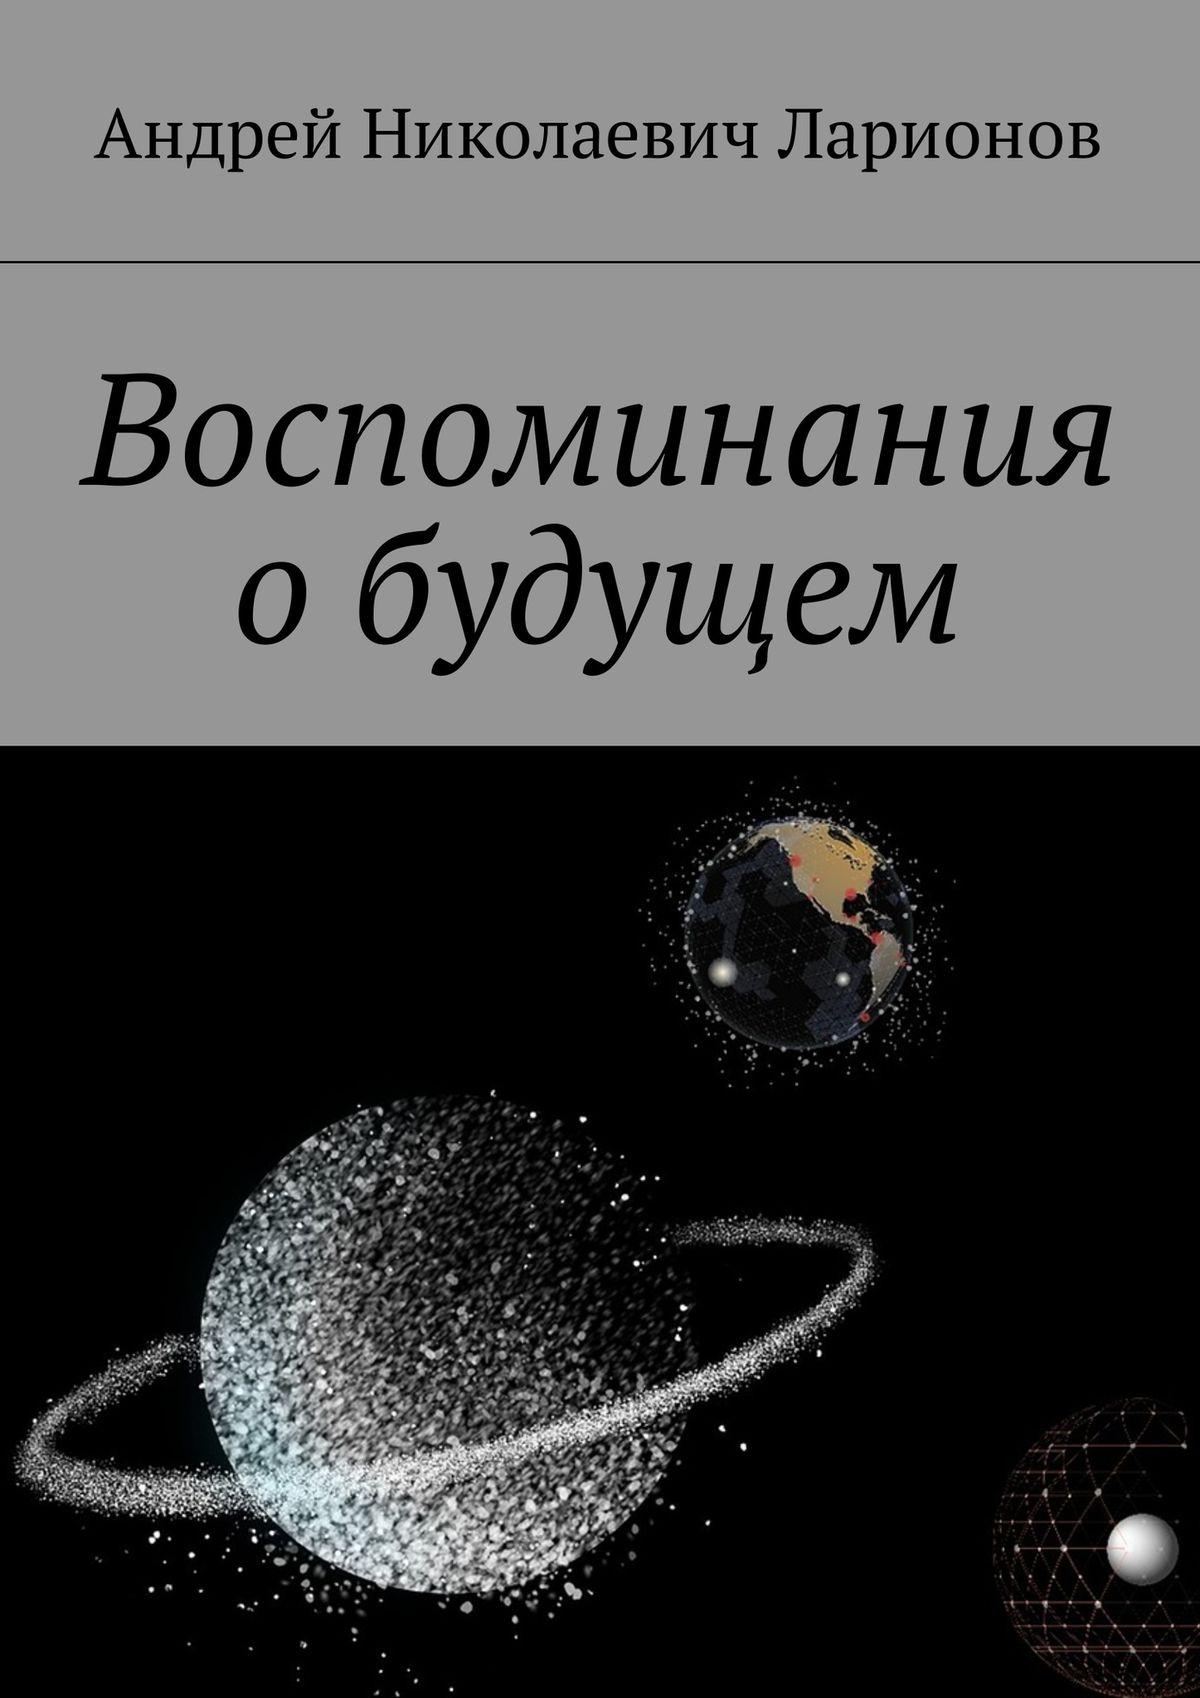 Андрей Николаевич Ларионов Воспоминания обудущем воспоминания о евгении шварце